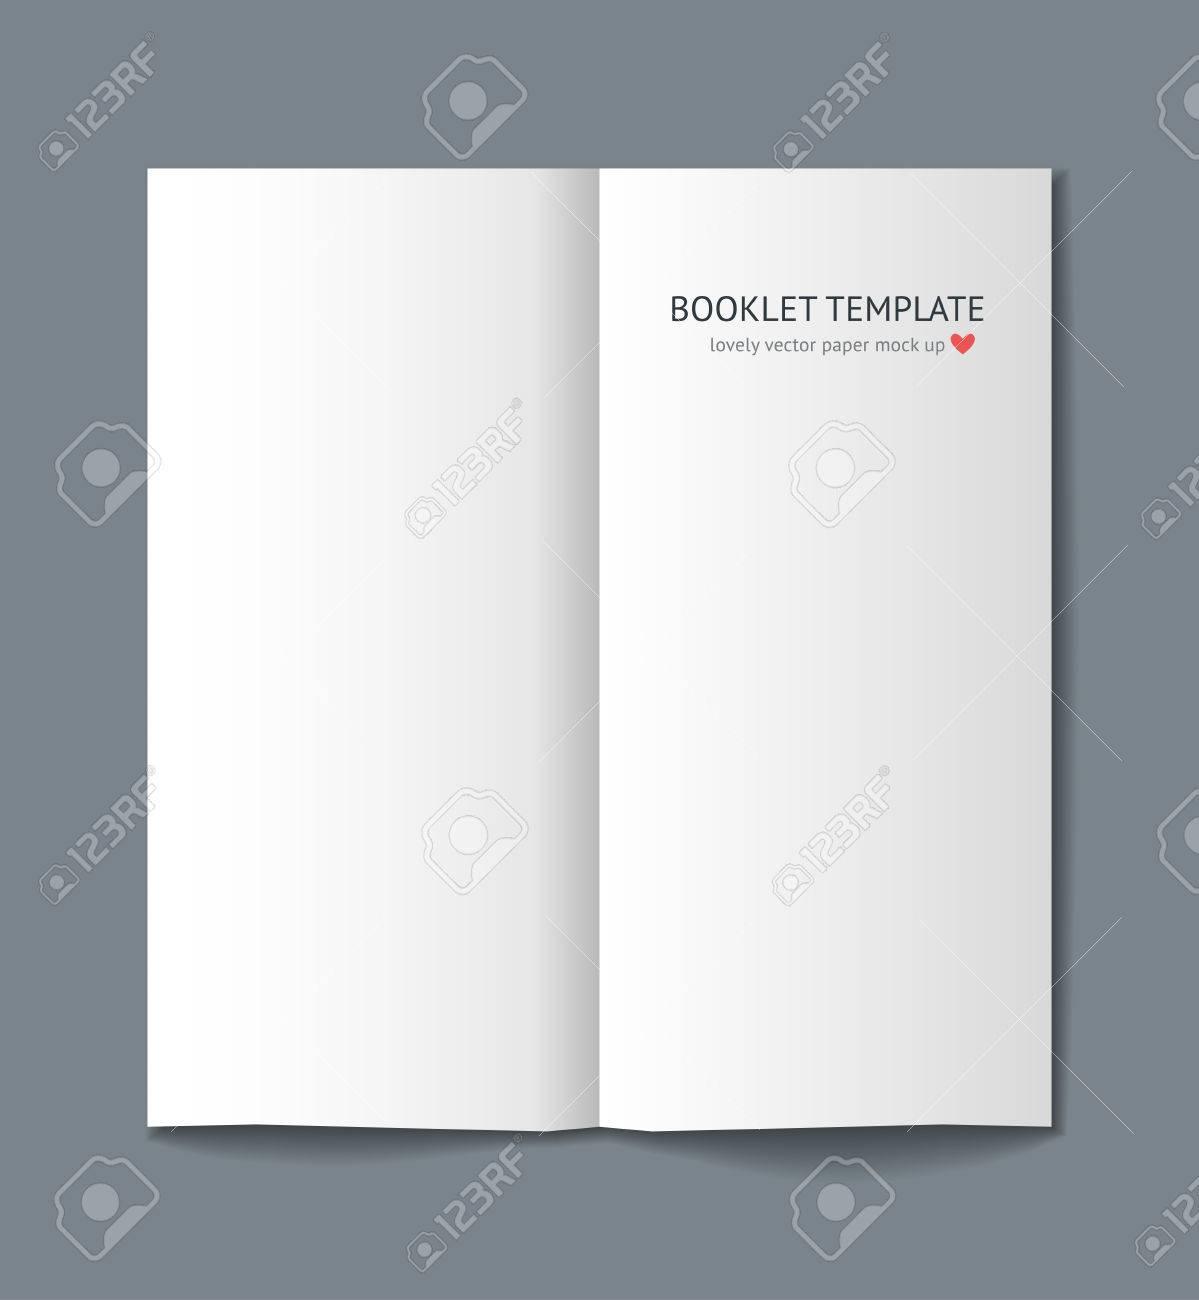 Niedlich Broschüre Deckblatt Vorlage Bilder - Beispiel Business ...